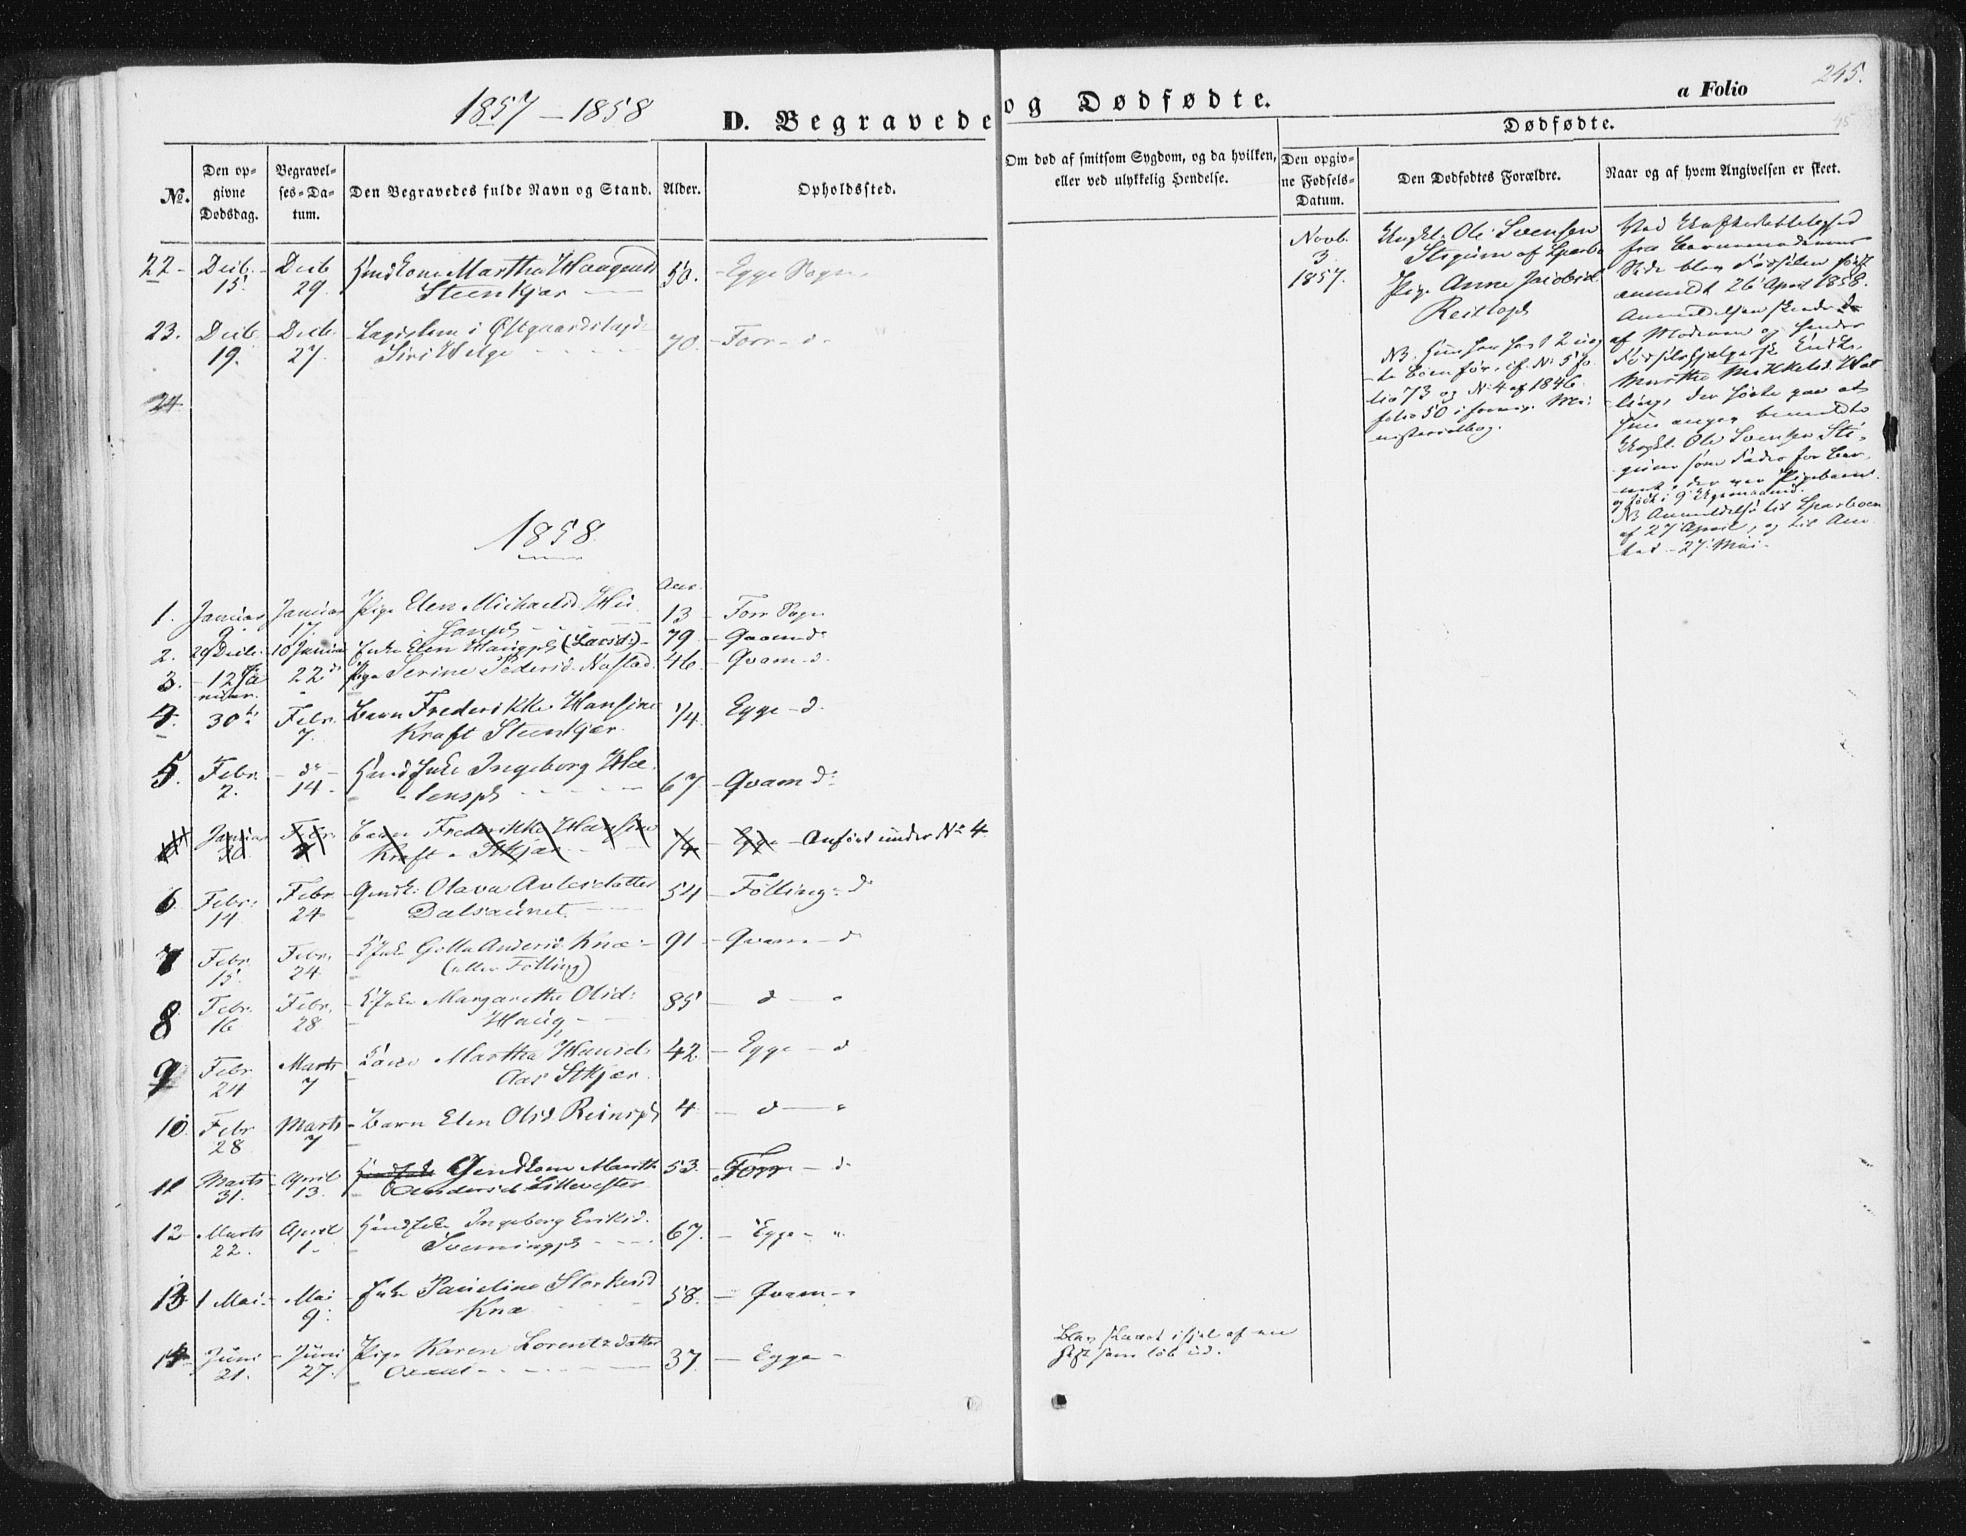 SAT, Ministerialprotokoller, klokkerbøker og fødselsregistre - Nord-Trøndelag, 746/L0446: Ministerialbok nr. 746A05, 1846-1859, s. 245